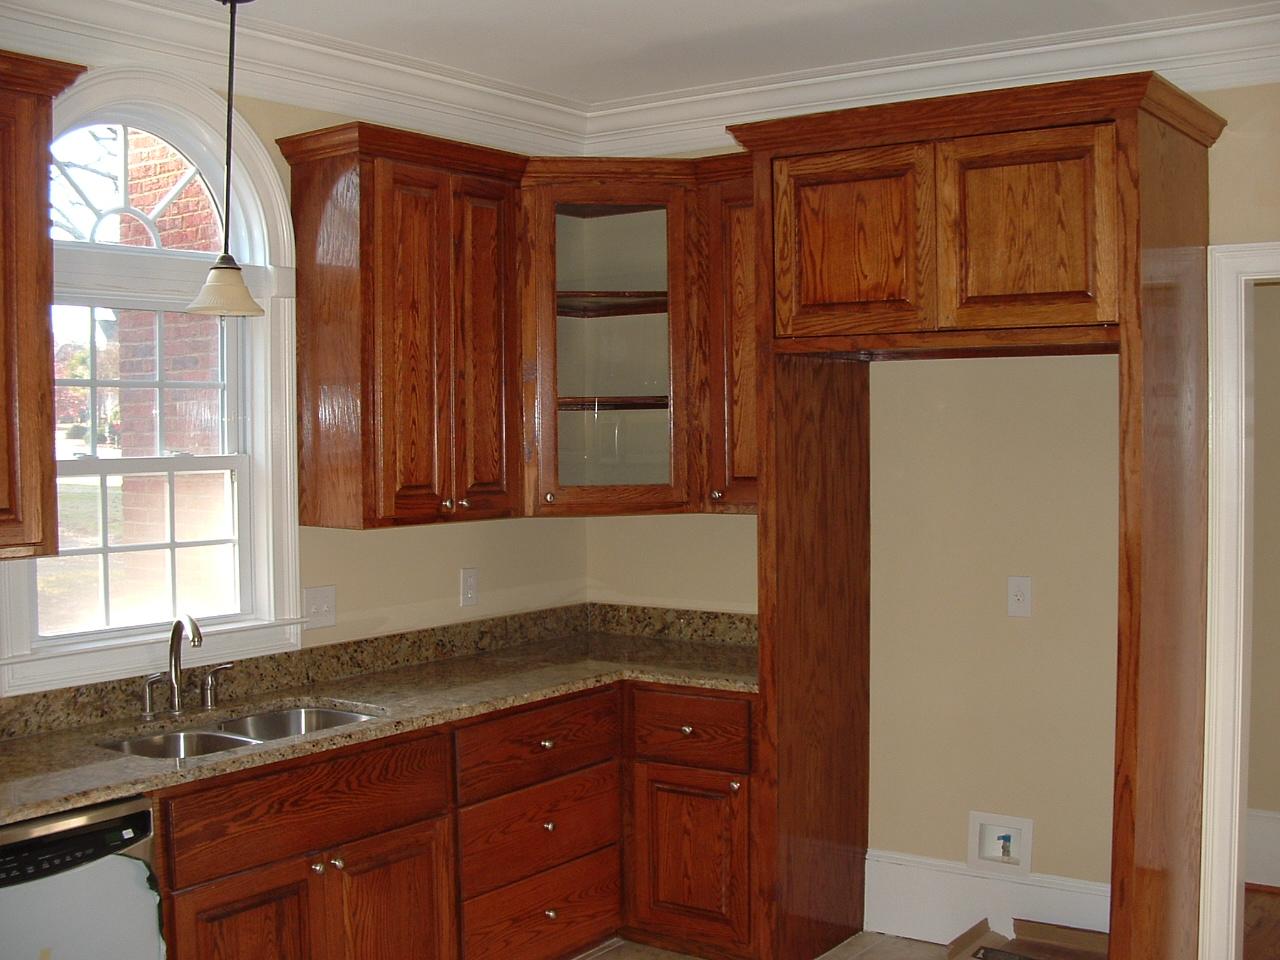 Kitchen cabinet door storage Photo - 1